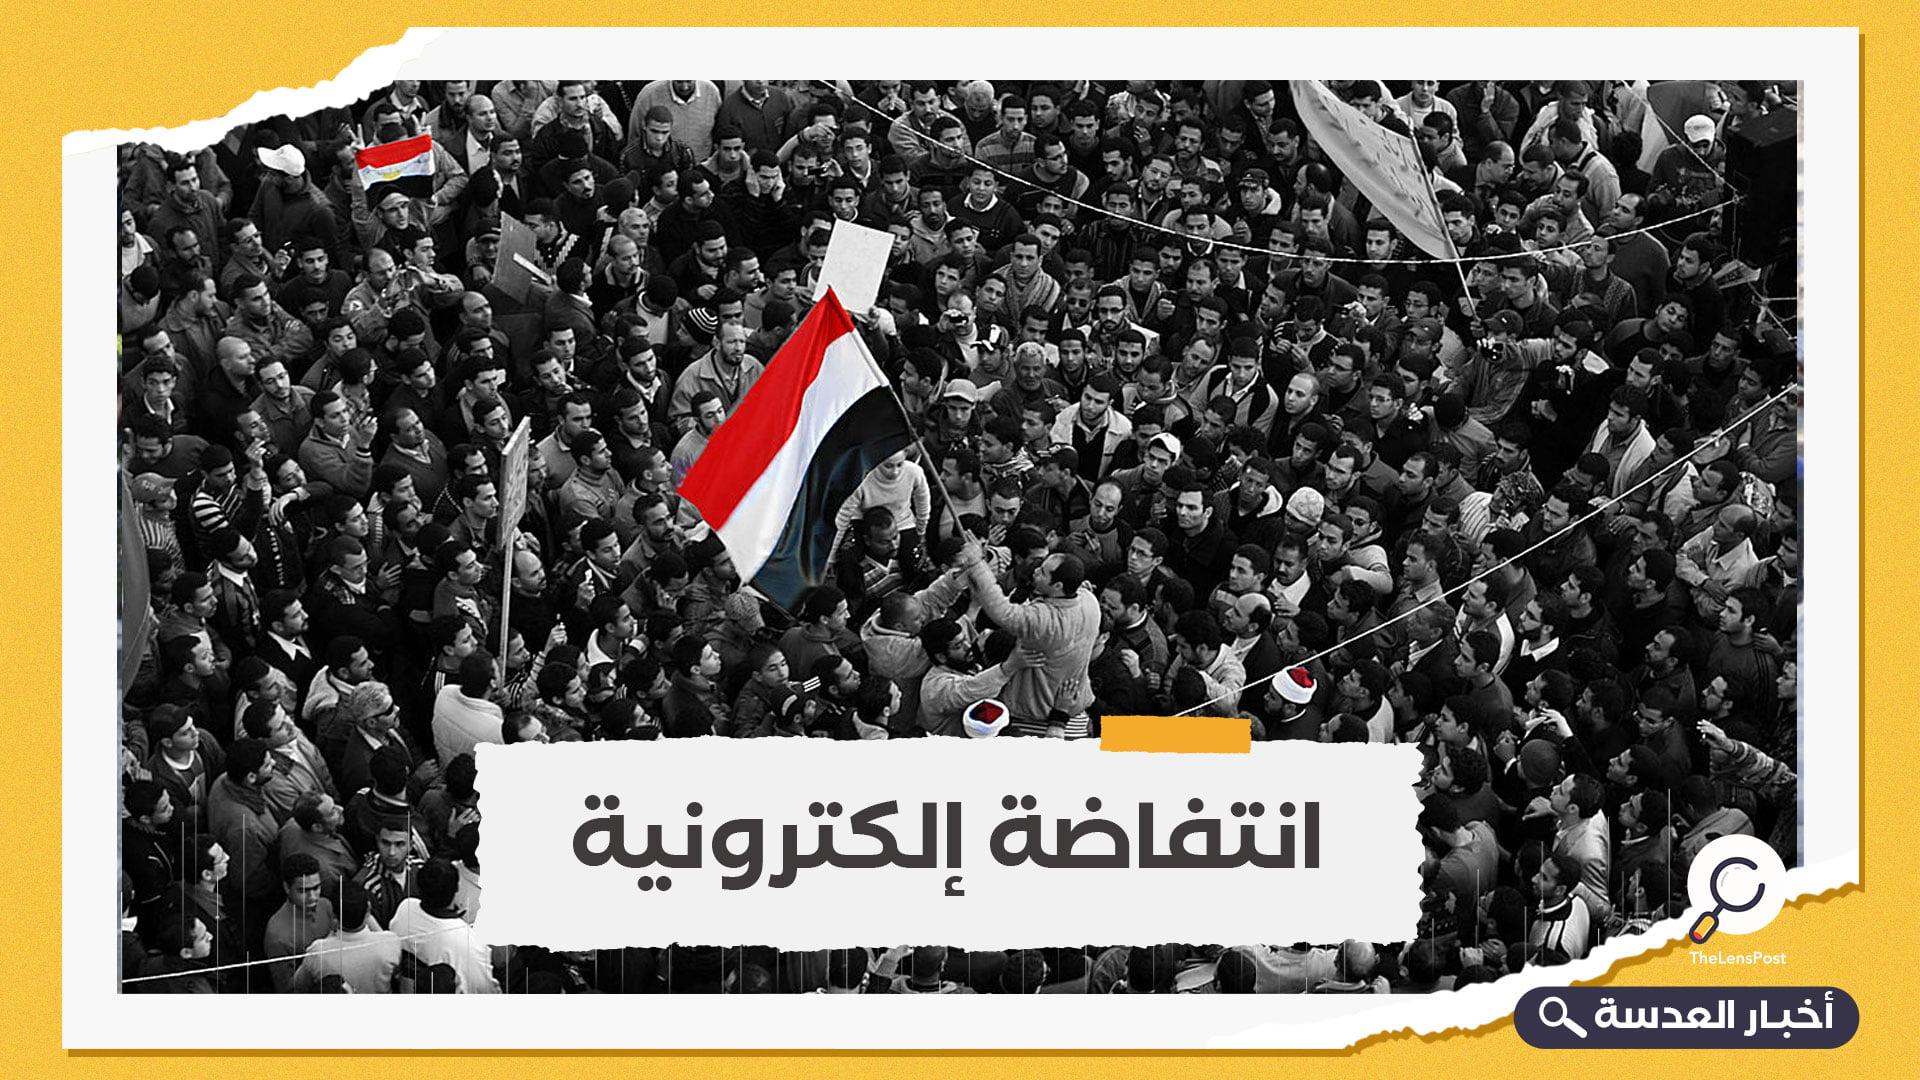 وسط القبضة الأمنية الشرسة.. النشطاء يلجؤون إلى السوشيال ميديا لإحياء الذكرى العاشرة لثورة يناير